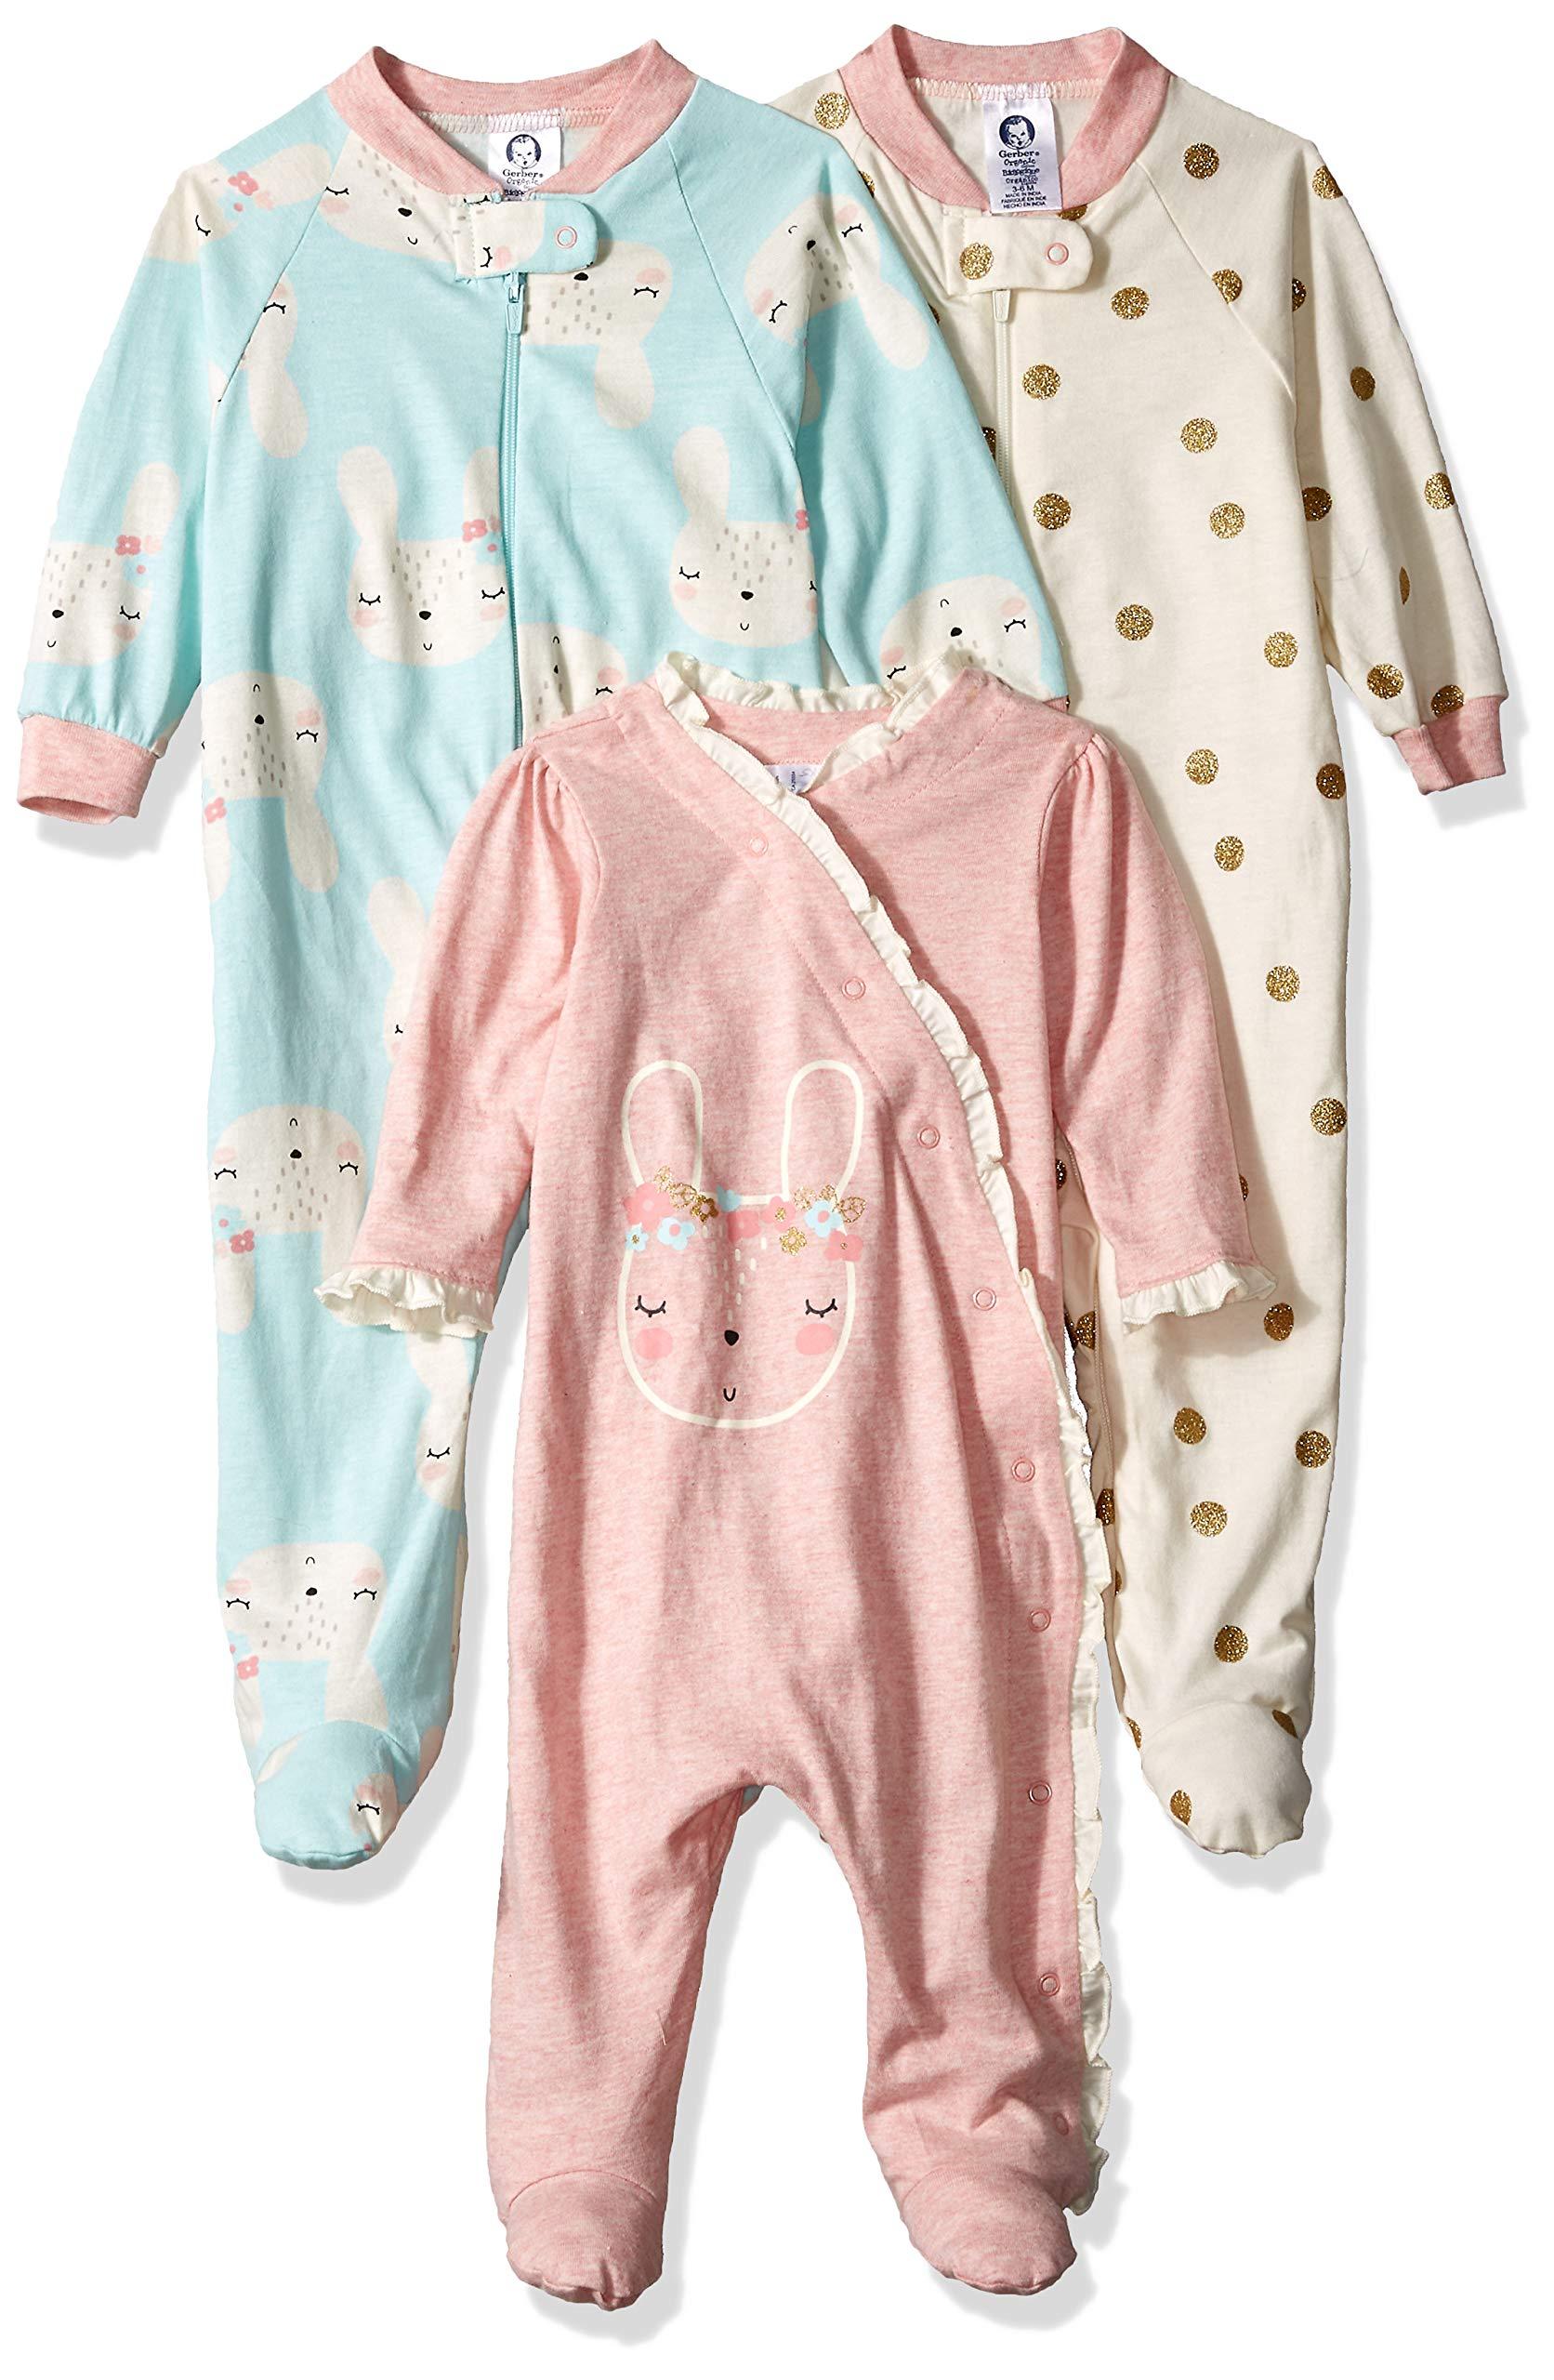 Gerber Baby Girls' 3-Pack Organic Sleep 'N Play